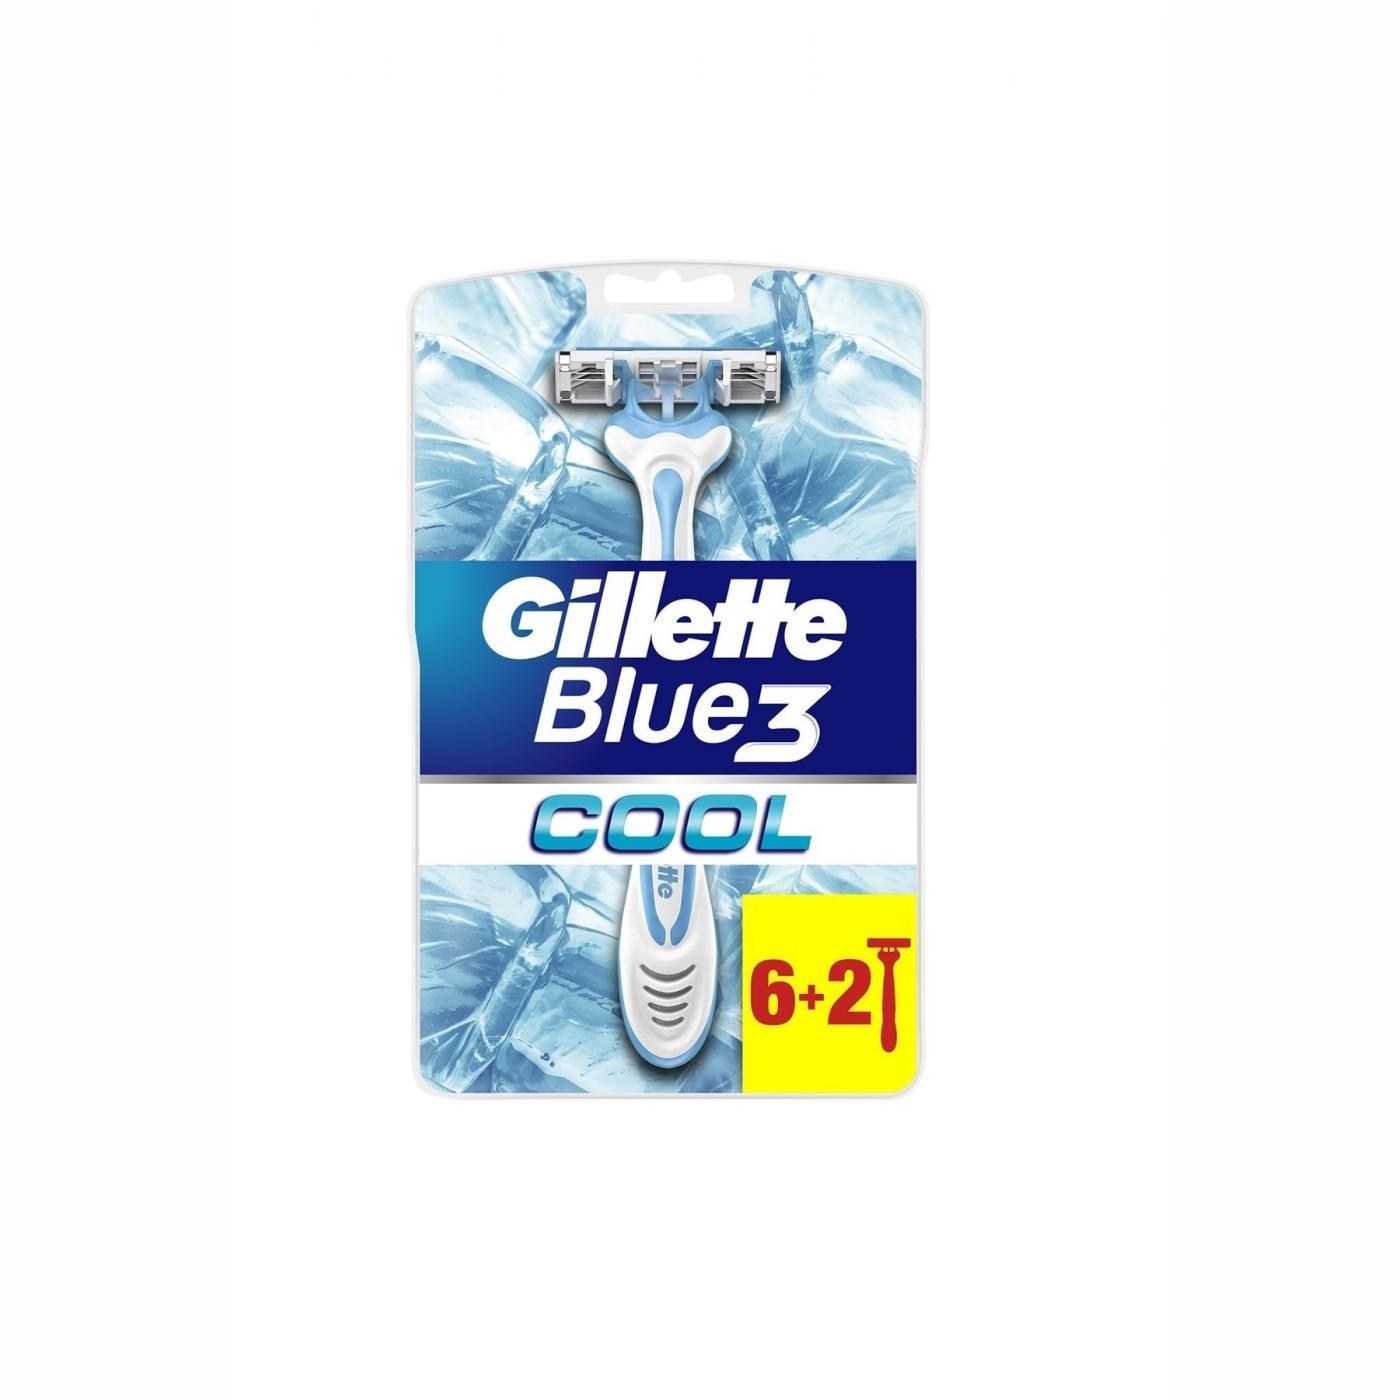 GİLLETTE BLUE3 6+2Lİ BIÇAK COOL